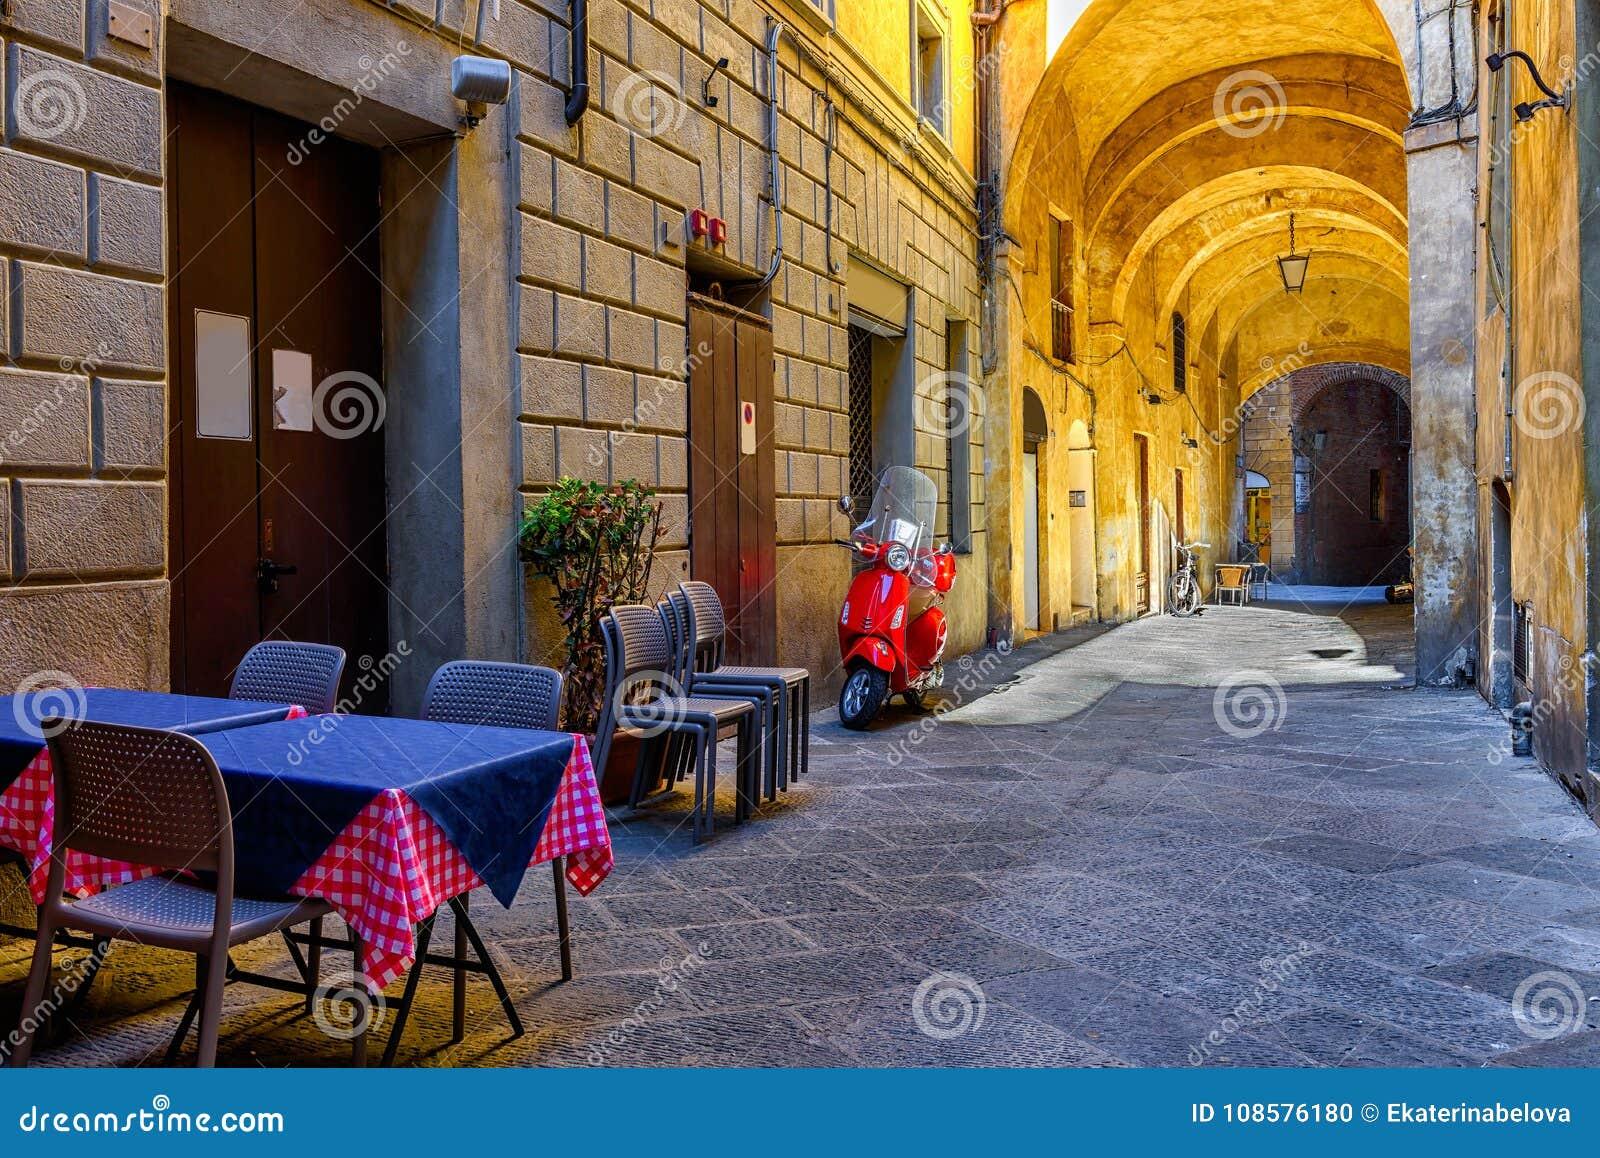 Calle estrecha medieval en Siena, Toscana